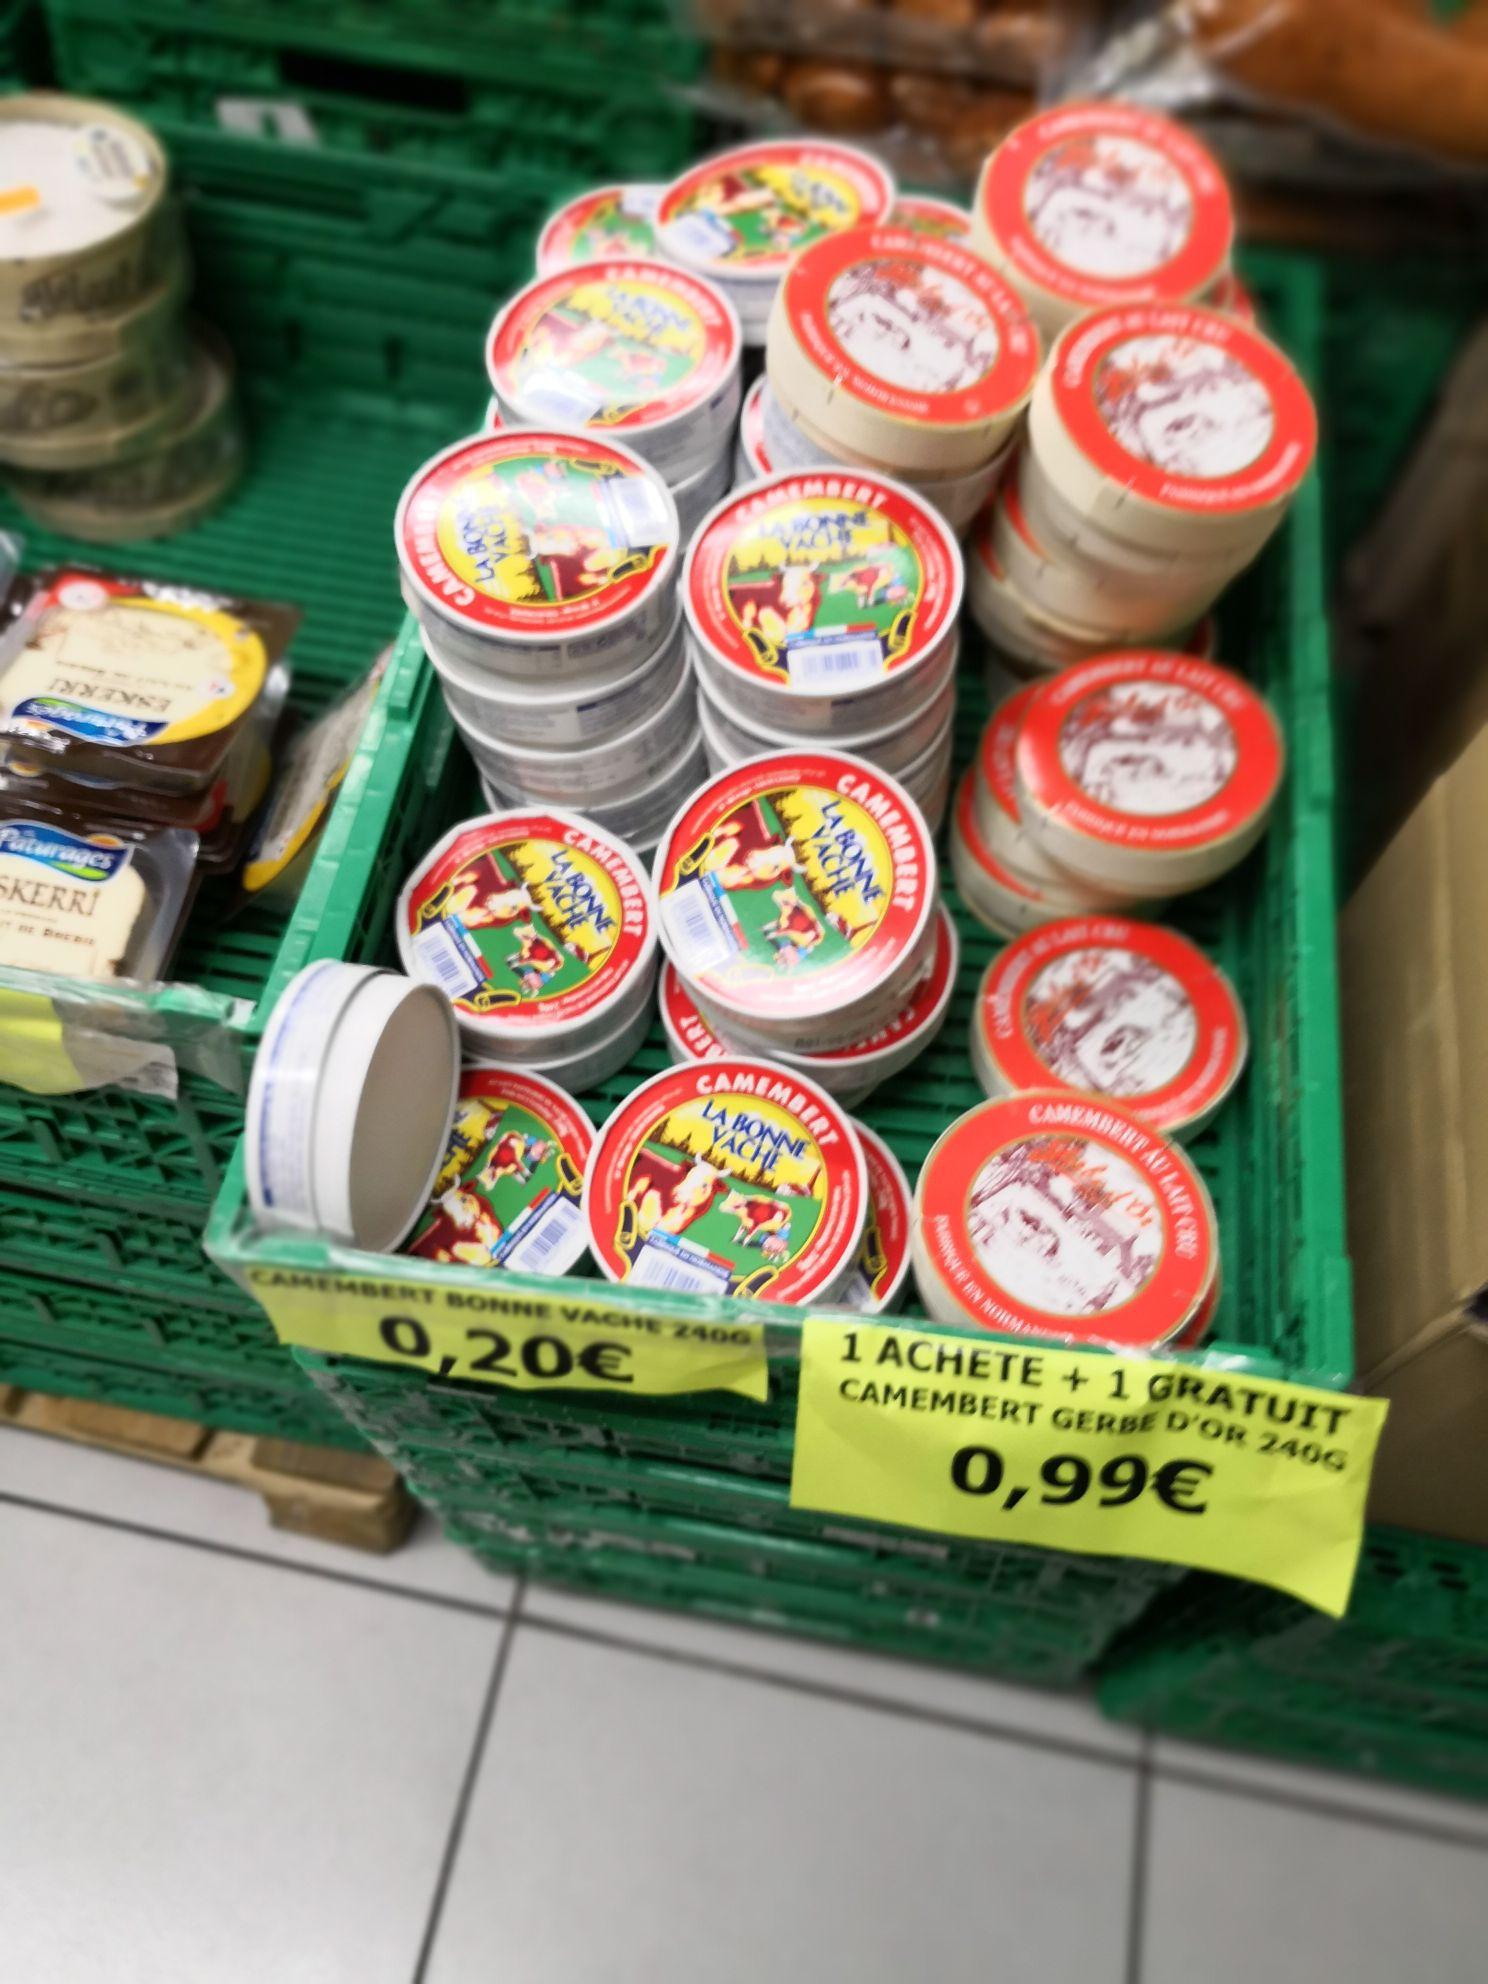 Camembert La Bonne Vache 240g - Dali Market Montélimar (26)